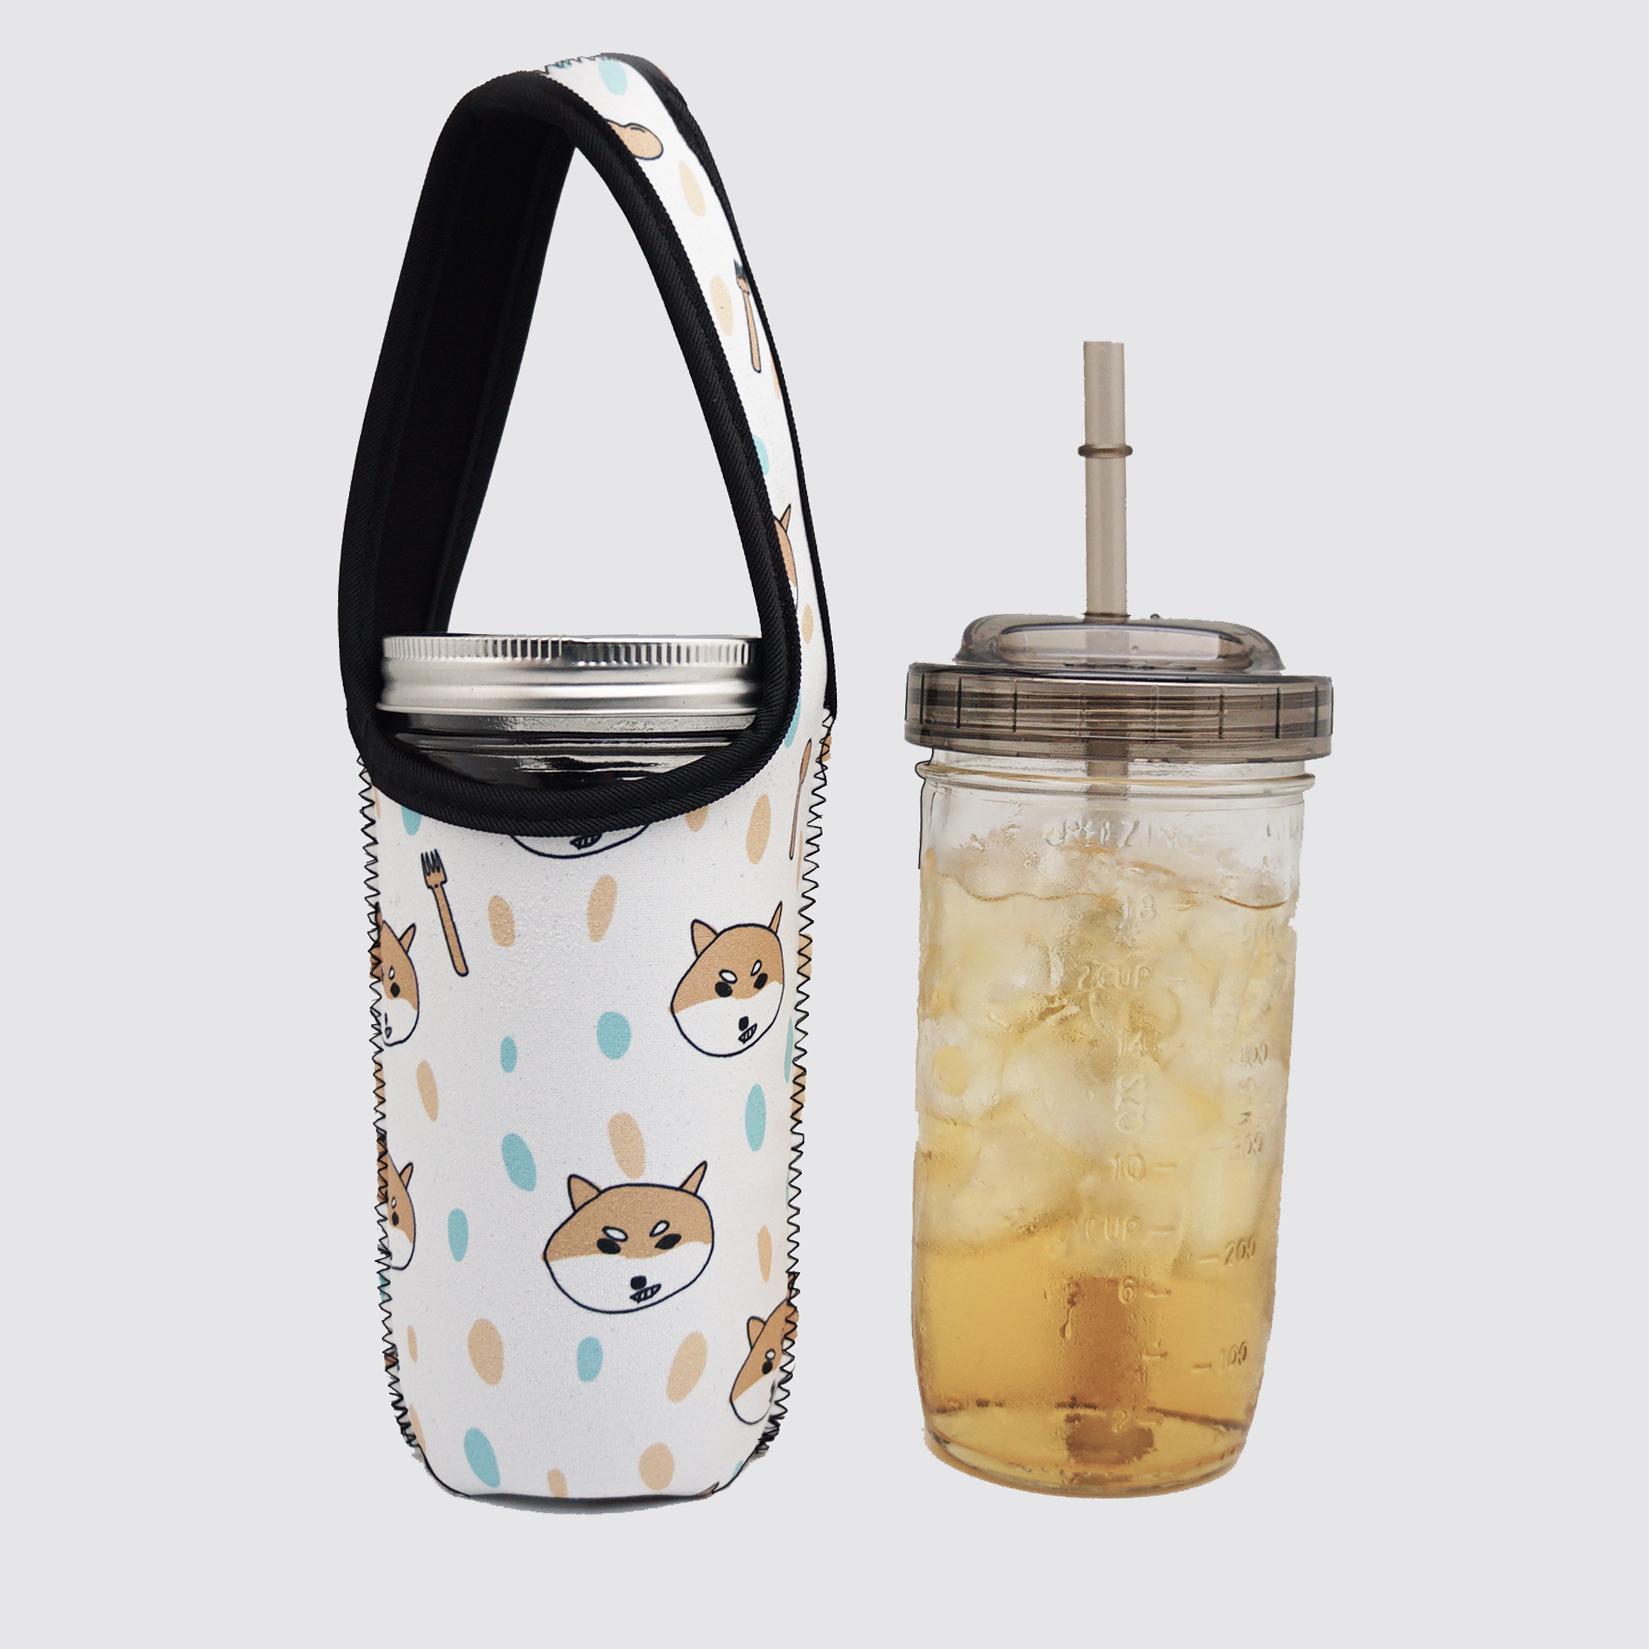 BLR 24oz梅森罐搖搖飲料杯袋組 米色底柴犬